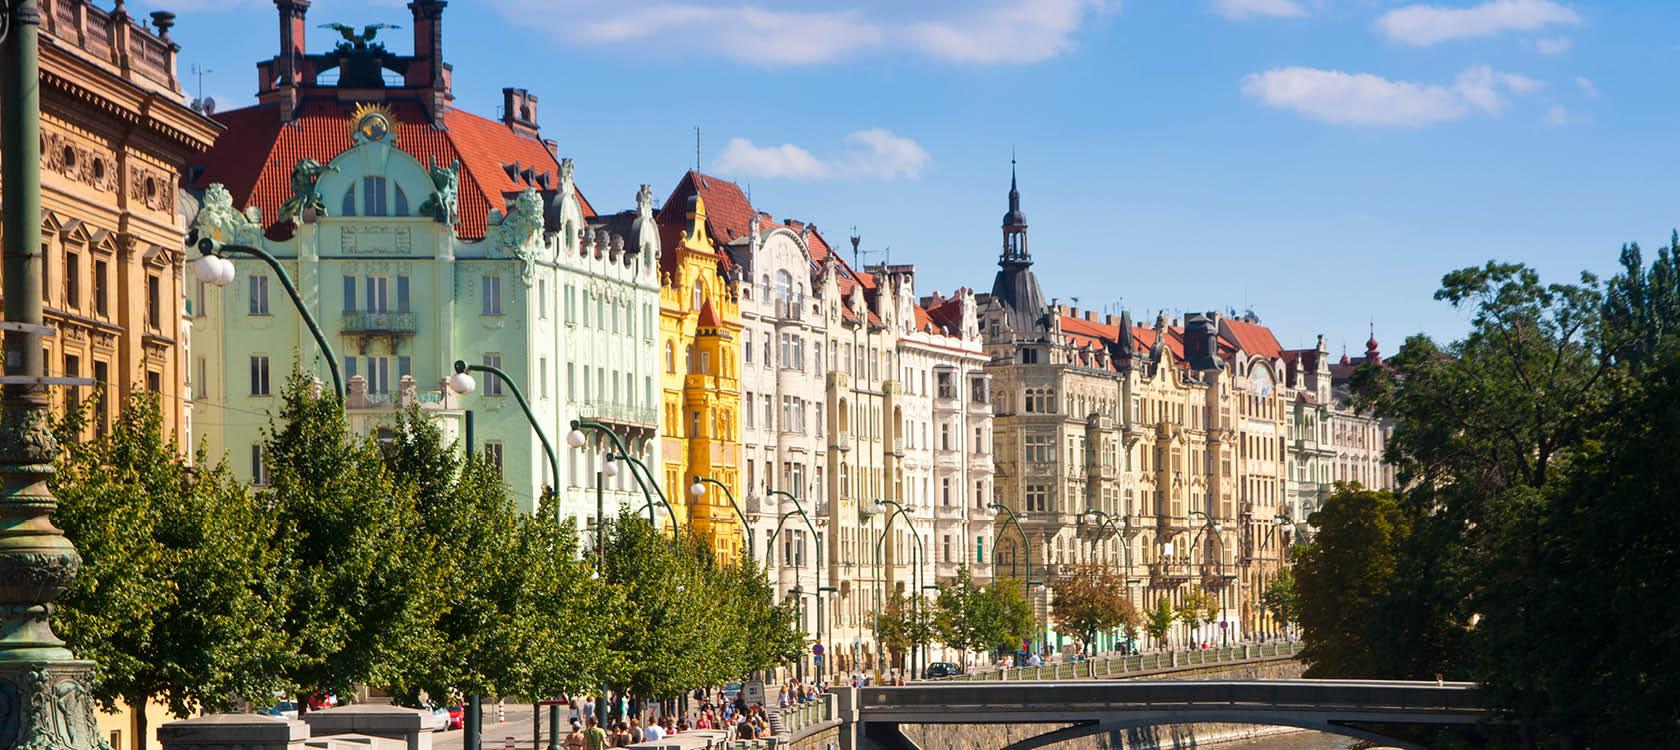 upplev storstäder, kultur och god mat på storstadsresor i europa